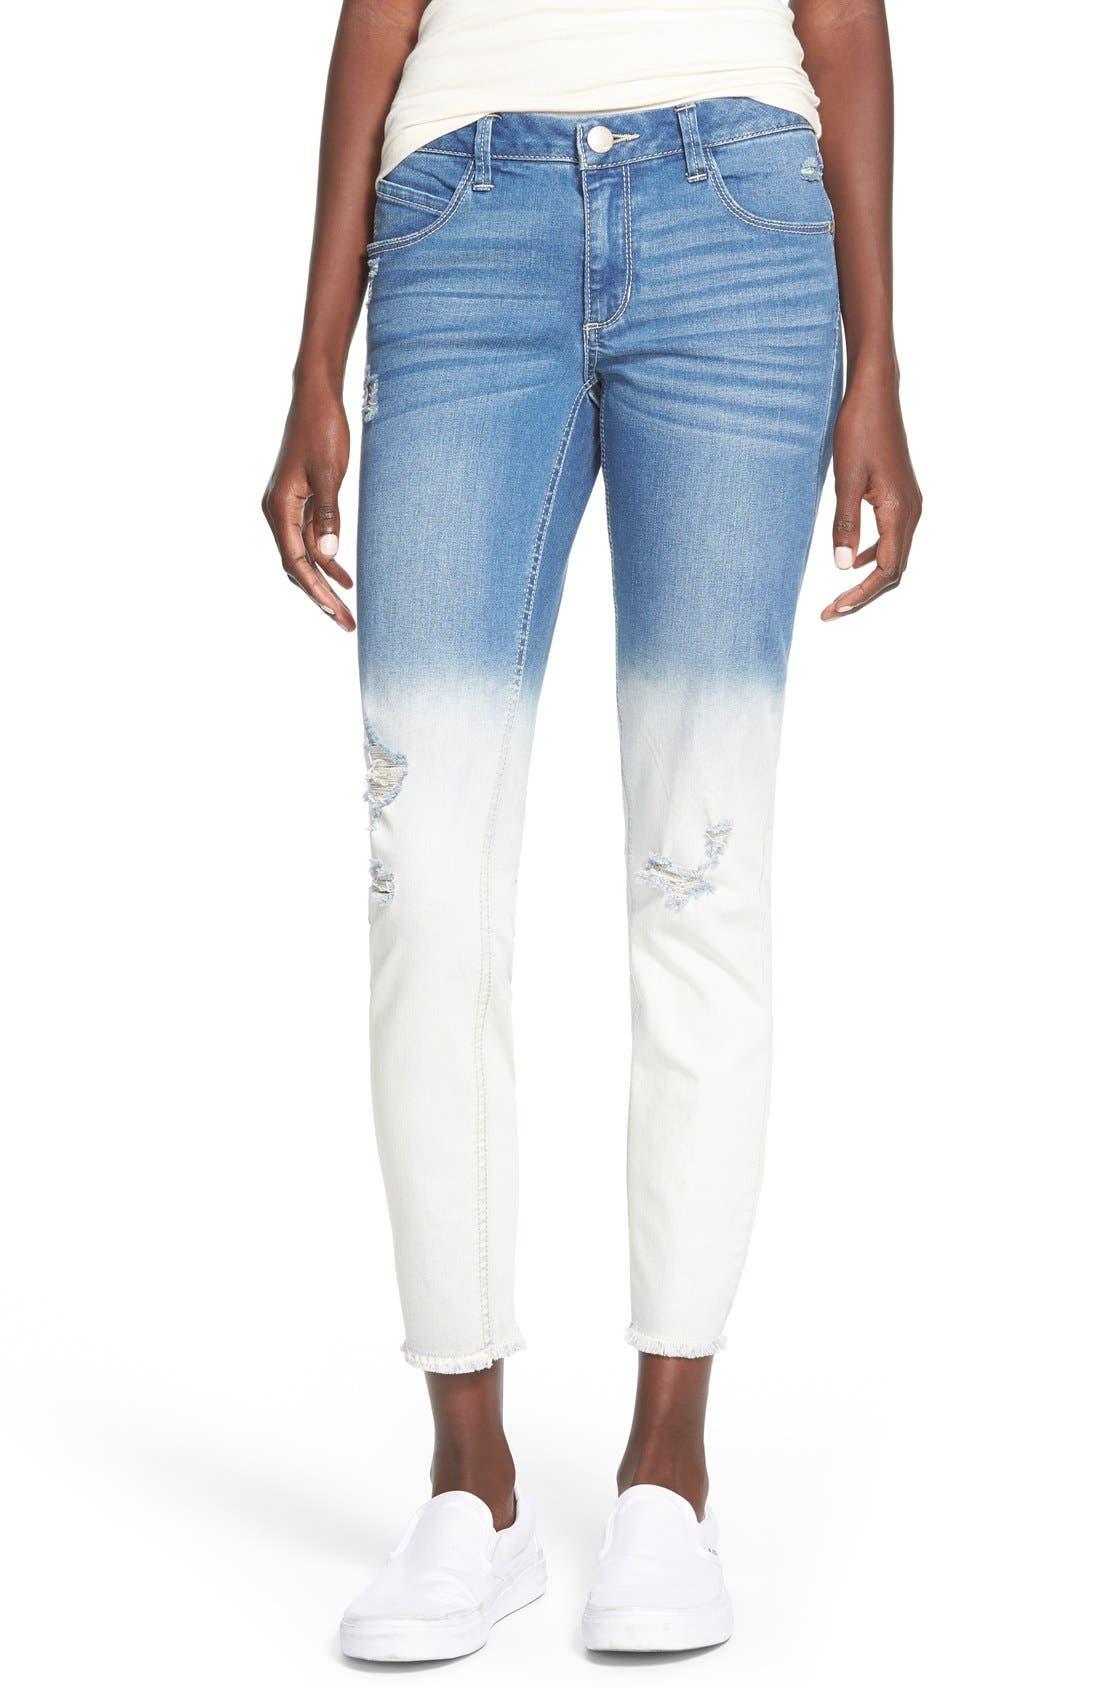 Alternate Image 1 Selected - Generra Dip Bleached Destroyed Skinny Jeans